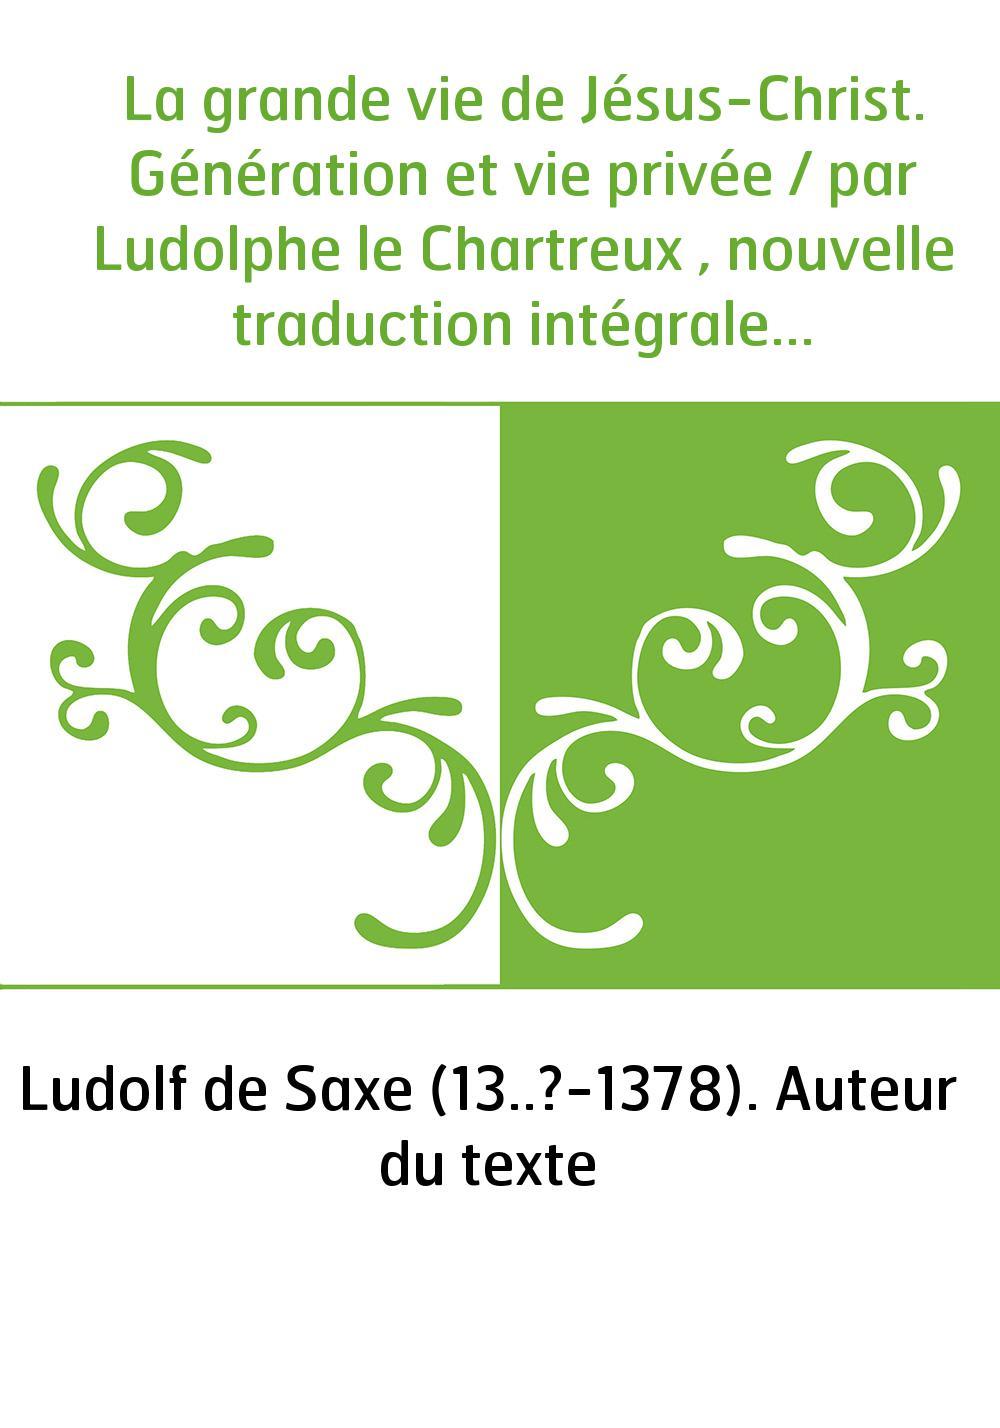 La grande vie de Jésus-Christ. Génération et vie privée / par Ludolphe le Chartreux , nouvelle traduction intégrale avec préface